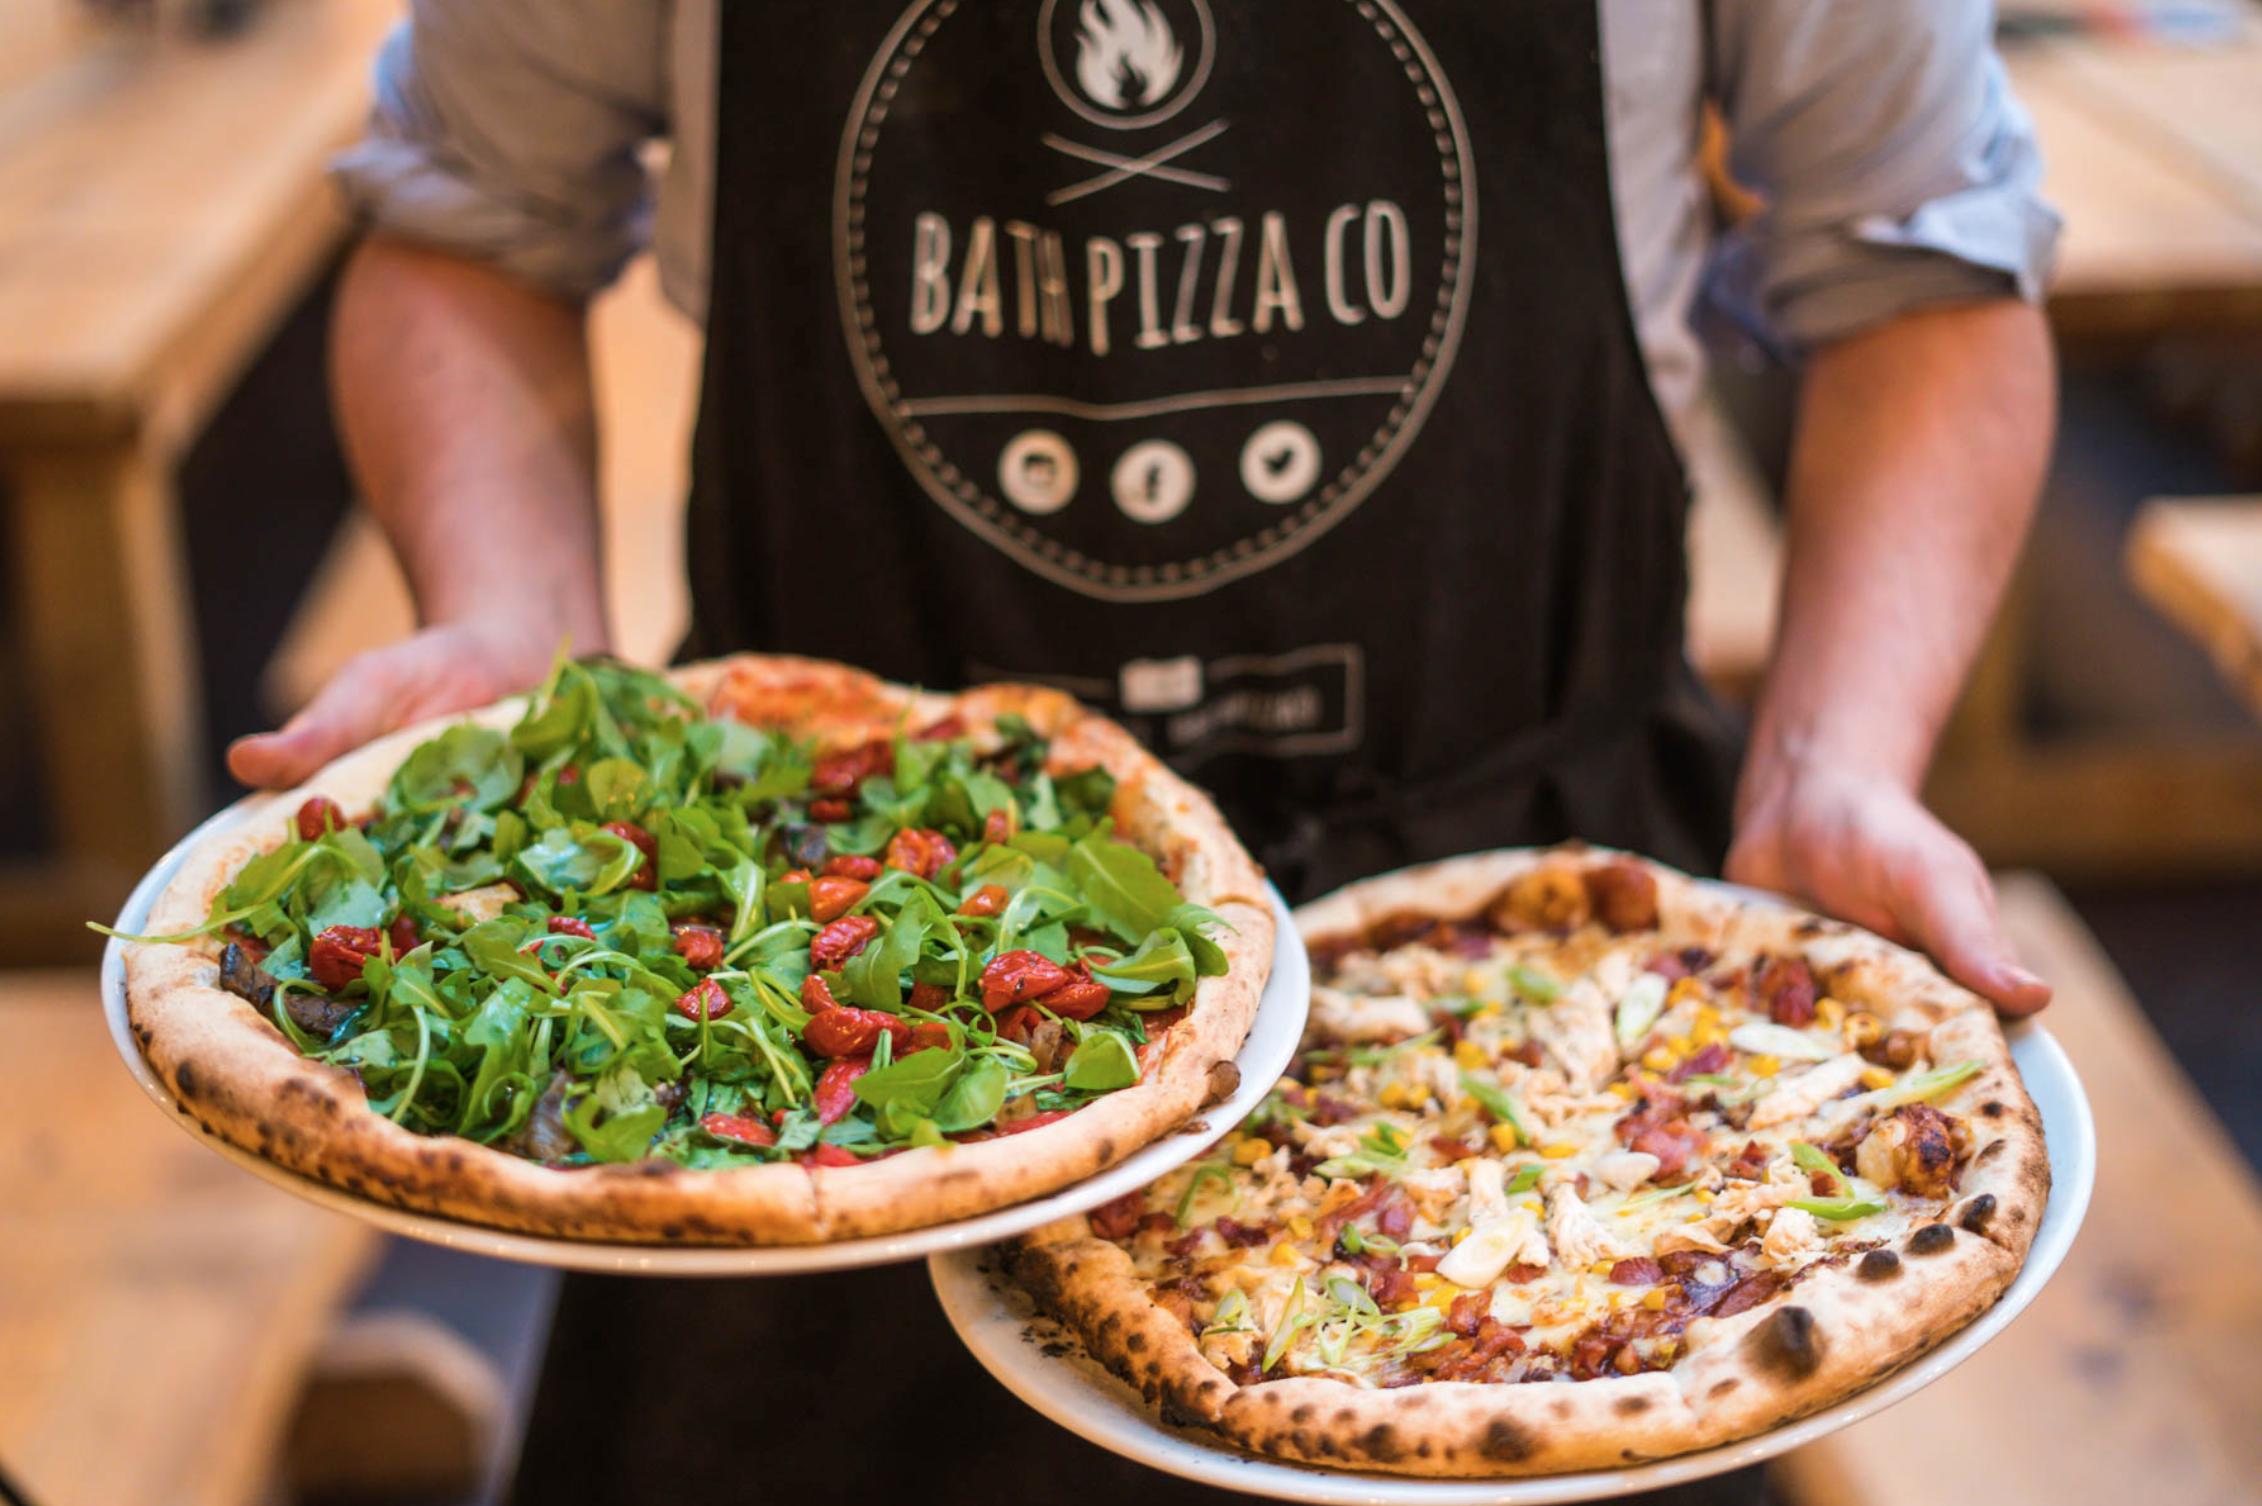 pizzeria-bath-pizza-co